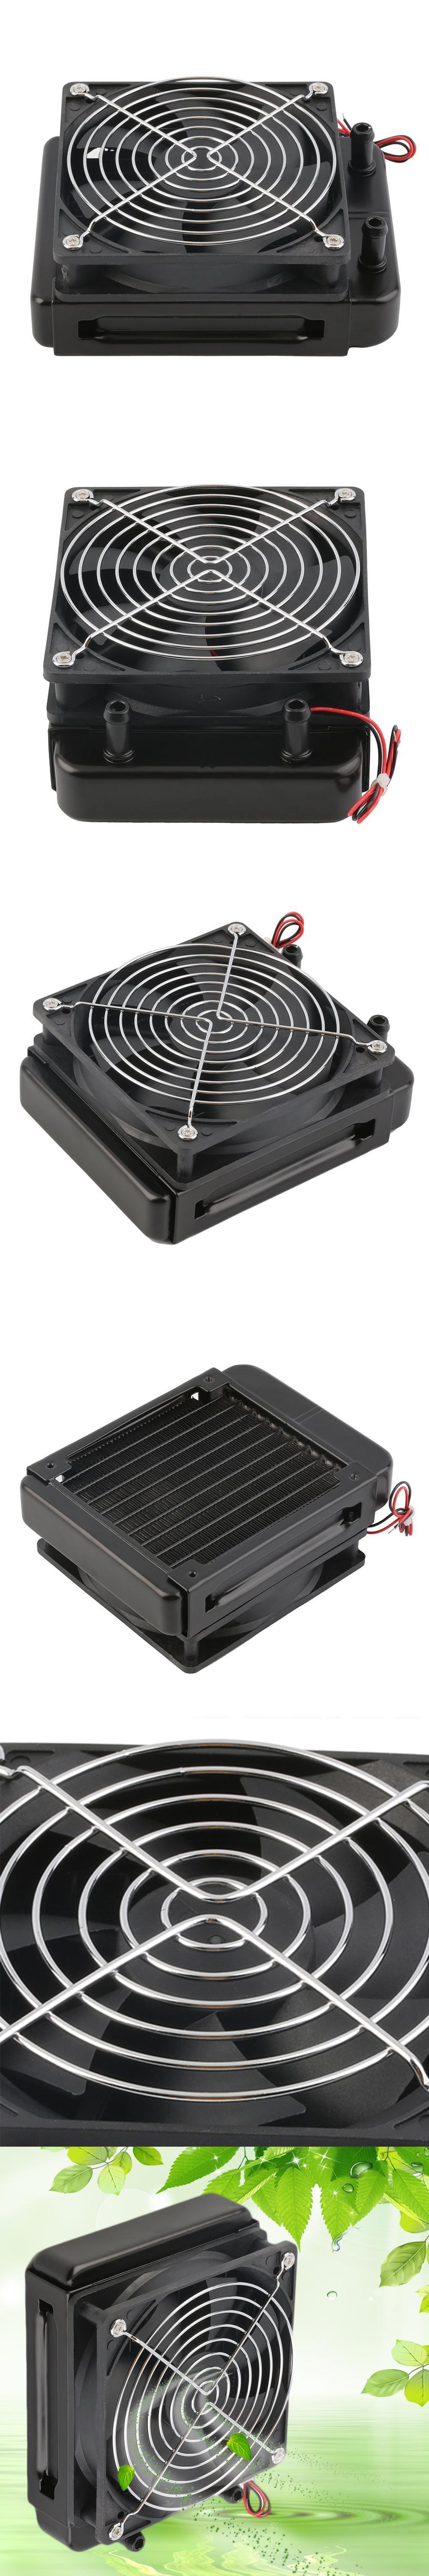 Kühl 120mm Wasser CPU Kühler Reihe Wärmetauscher Kühler mit Lüfter ...